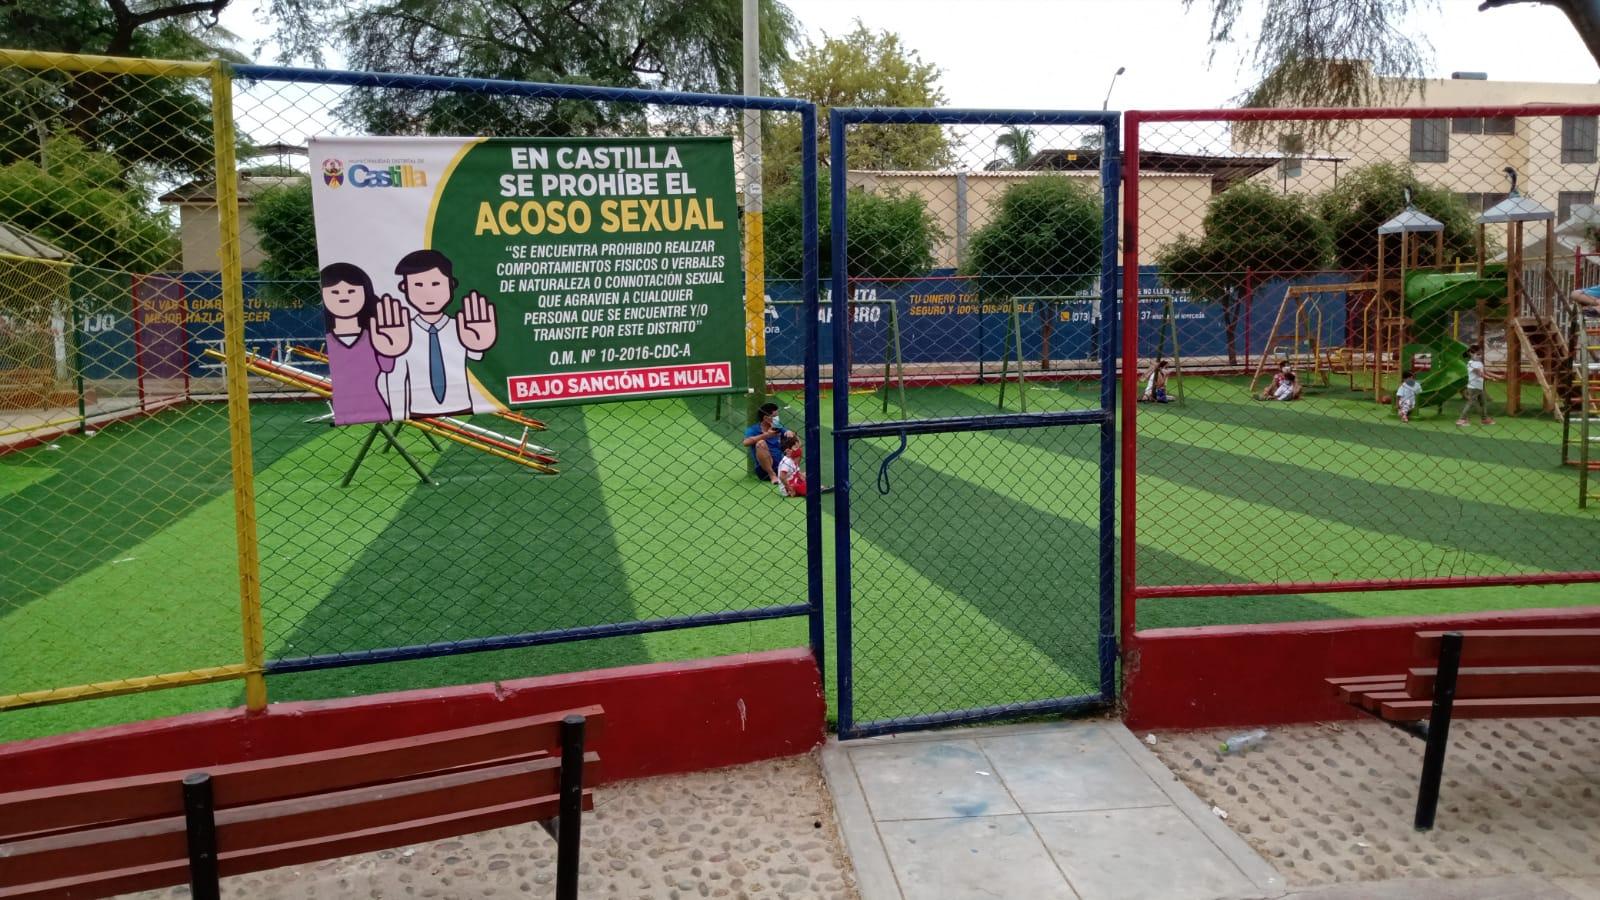 Municipalidad distrital de Castilla hace la lucha contra la violencia sexual.